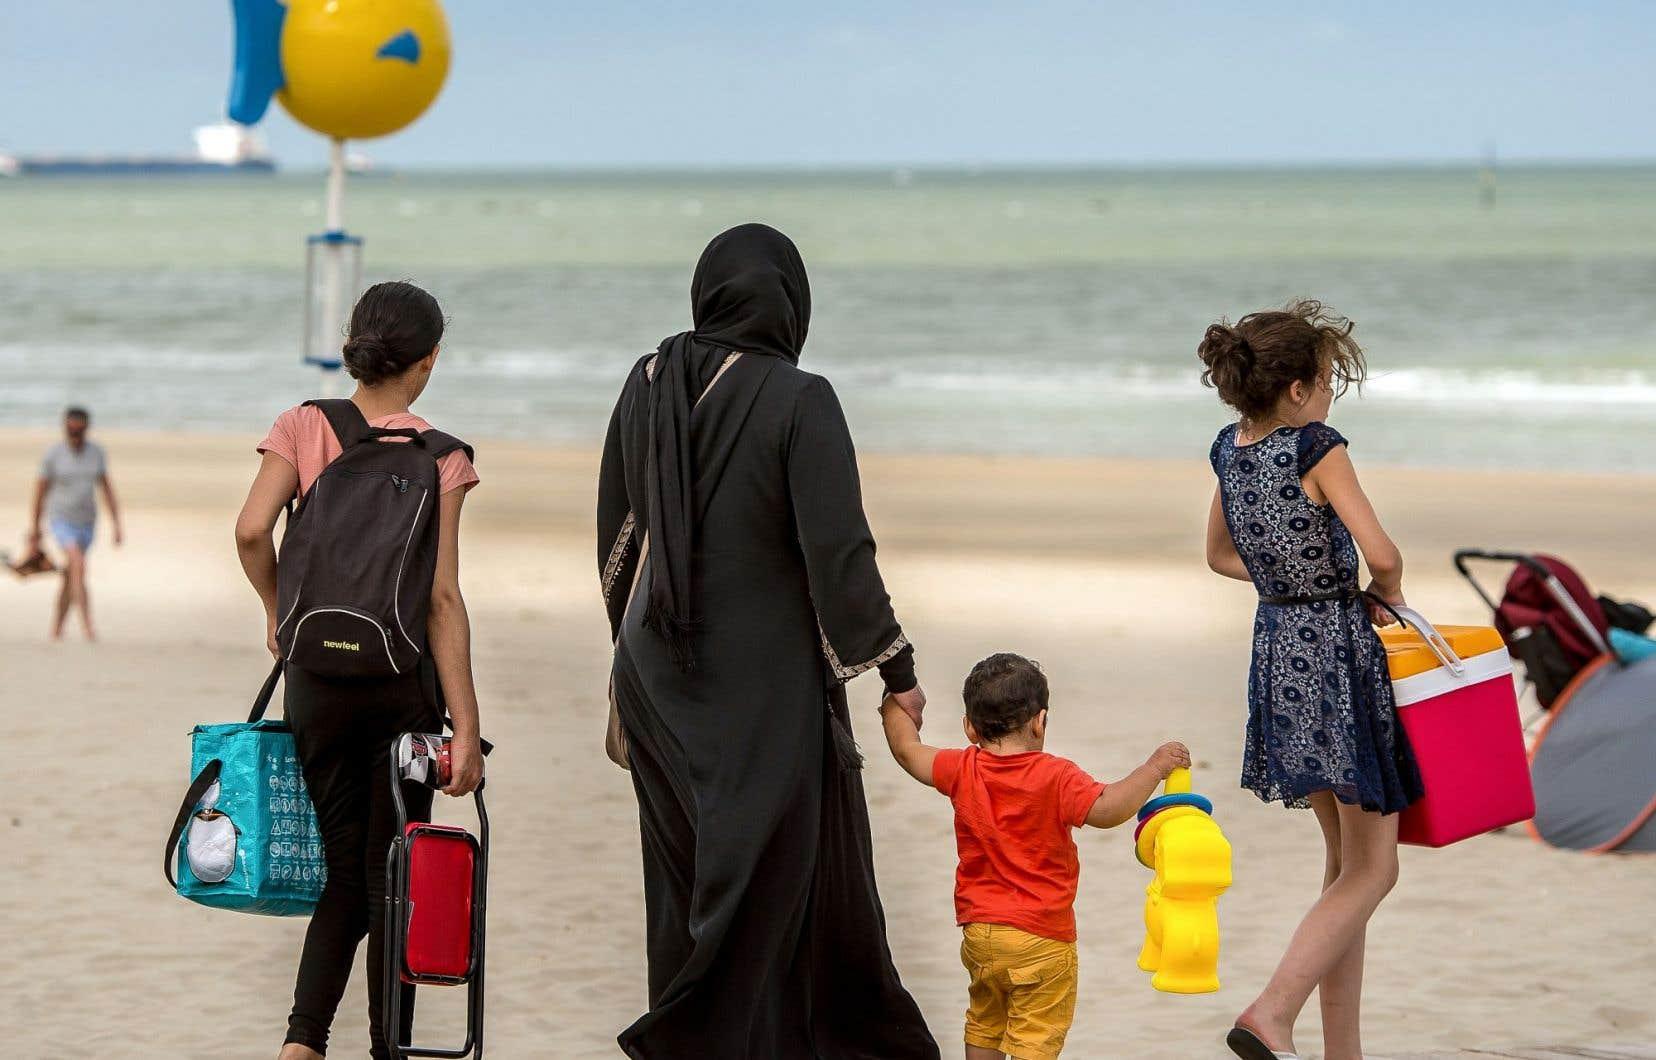 L'enquête menée par l'IFOP visait à mesurer la religiosité des musulmans de France.